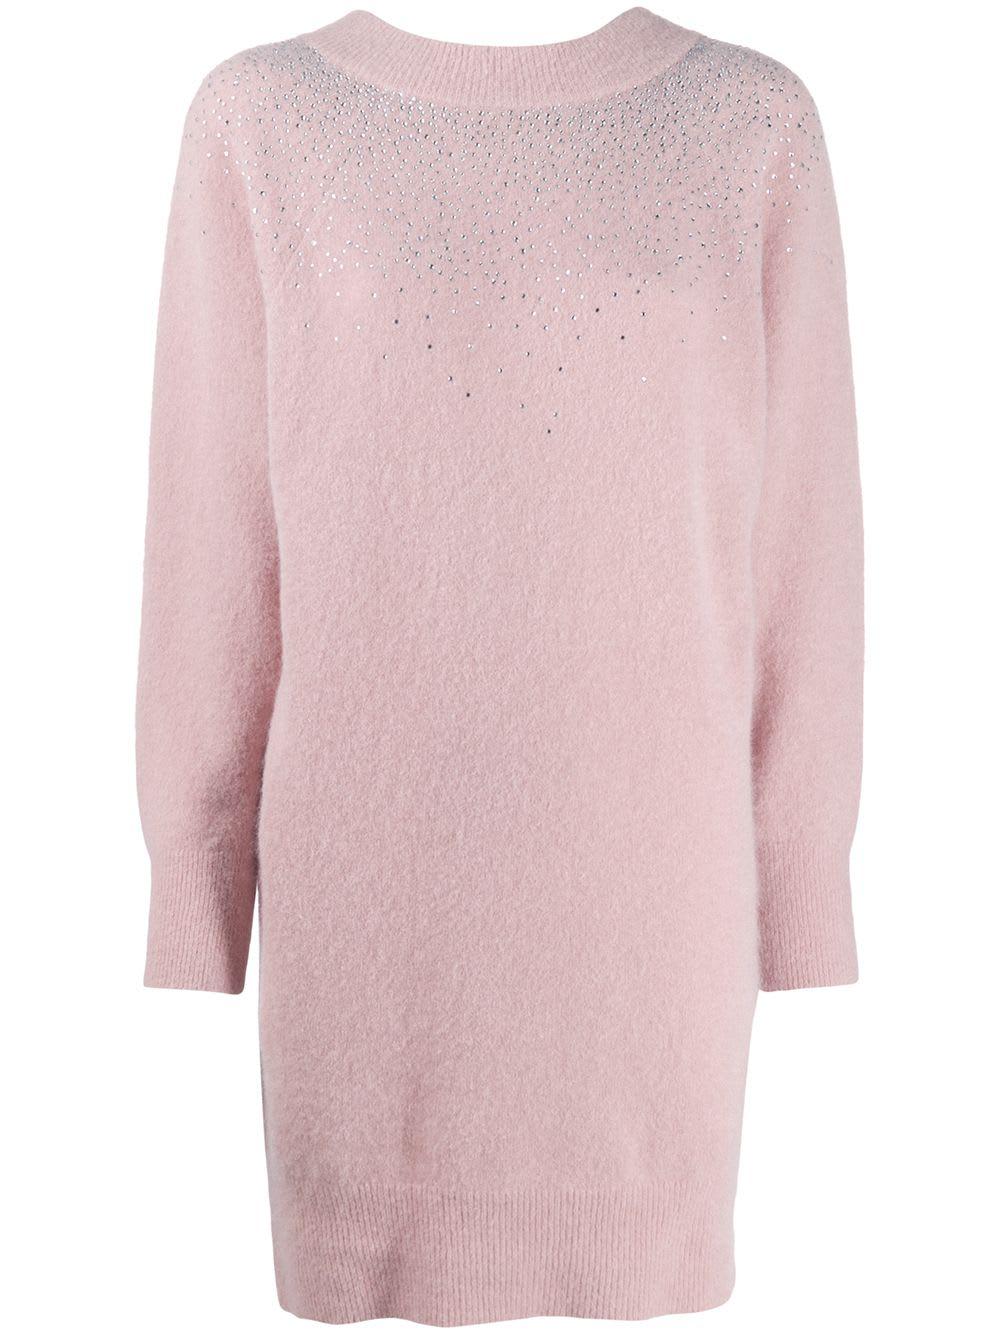 Blumarine Strass Knitted Dress